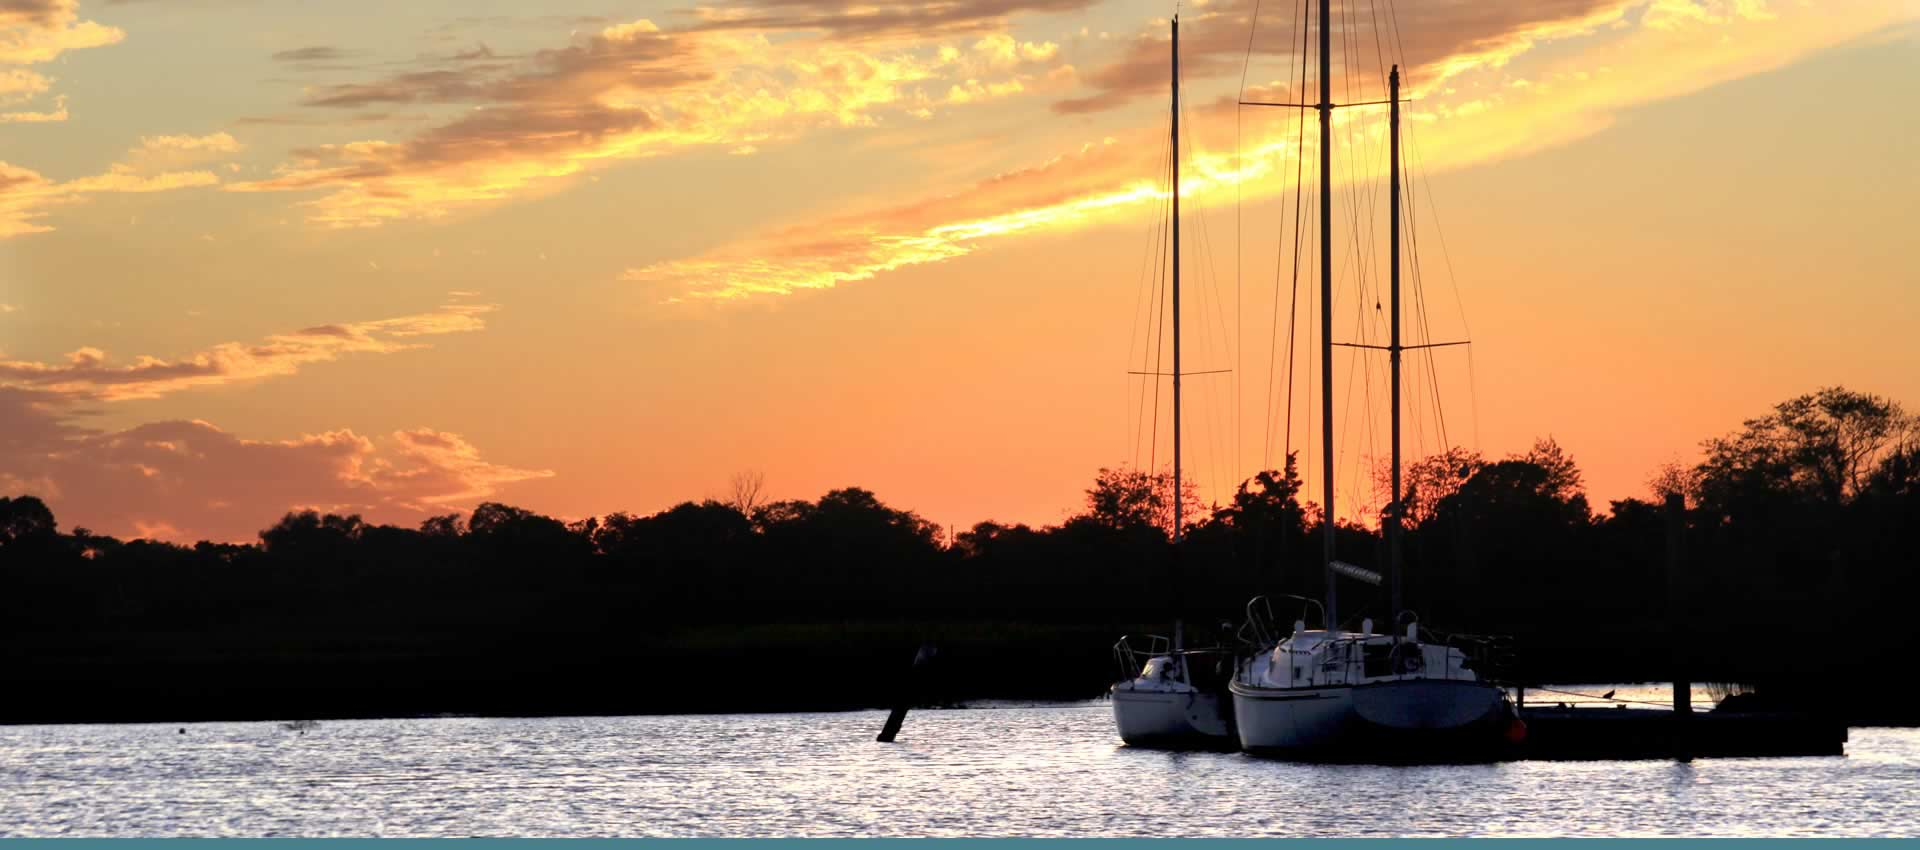 Cape-May-Harbor-boat